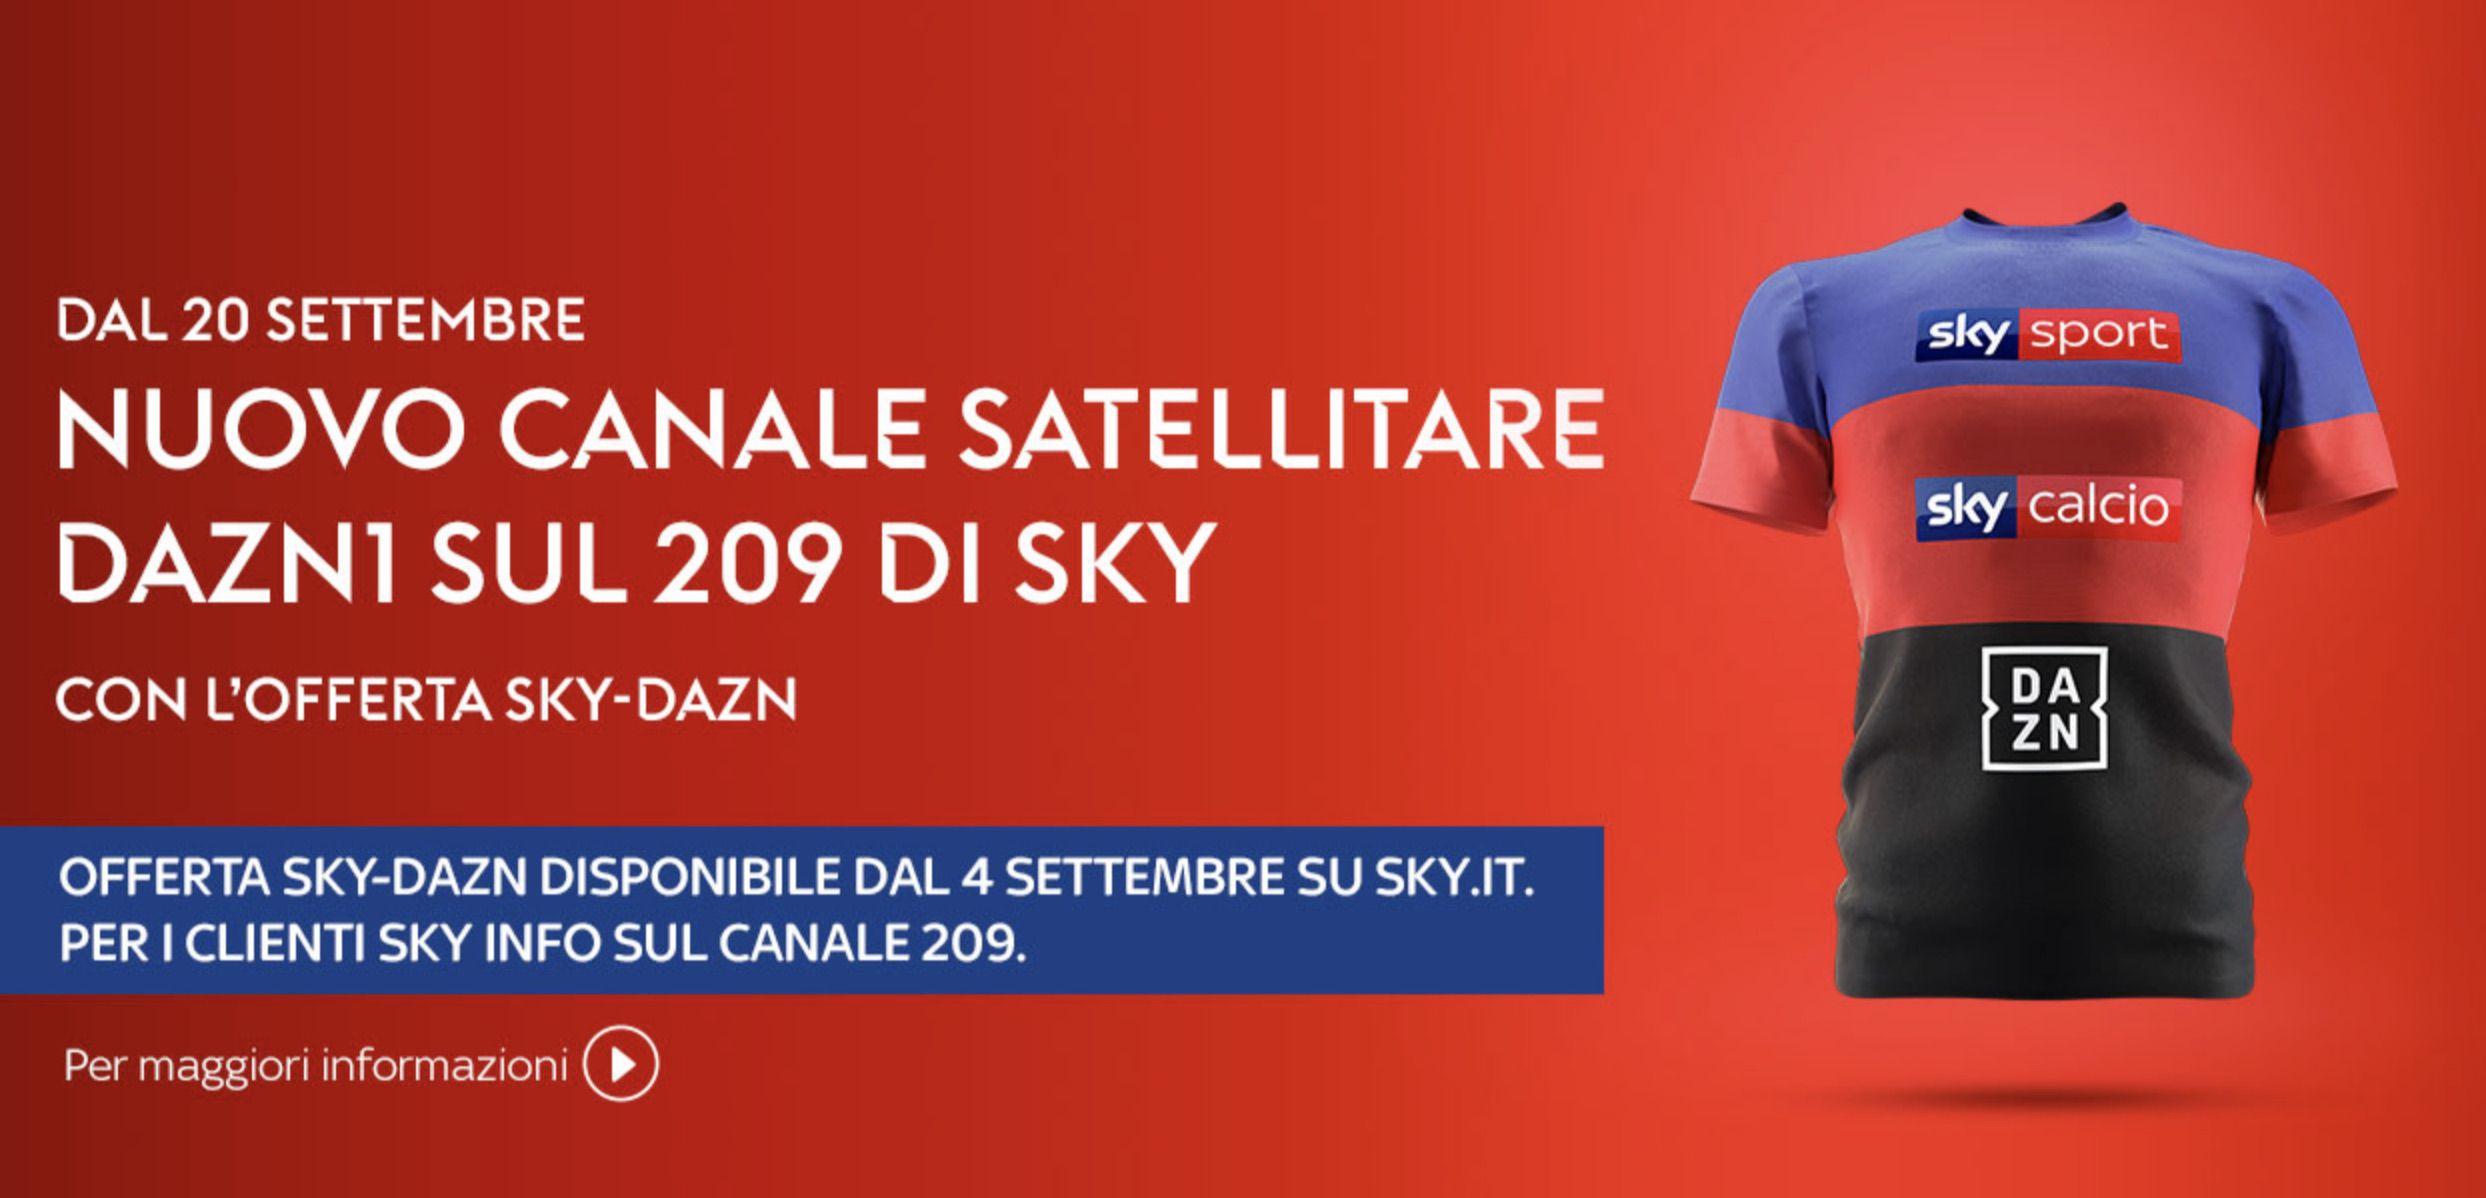 DAZN arriva su Sky via satellite il 20 Settembre gratis per gli abbonati  più fedeli